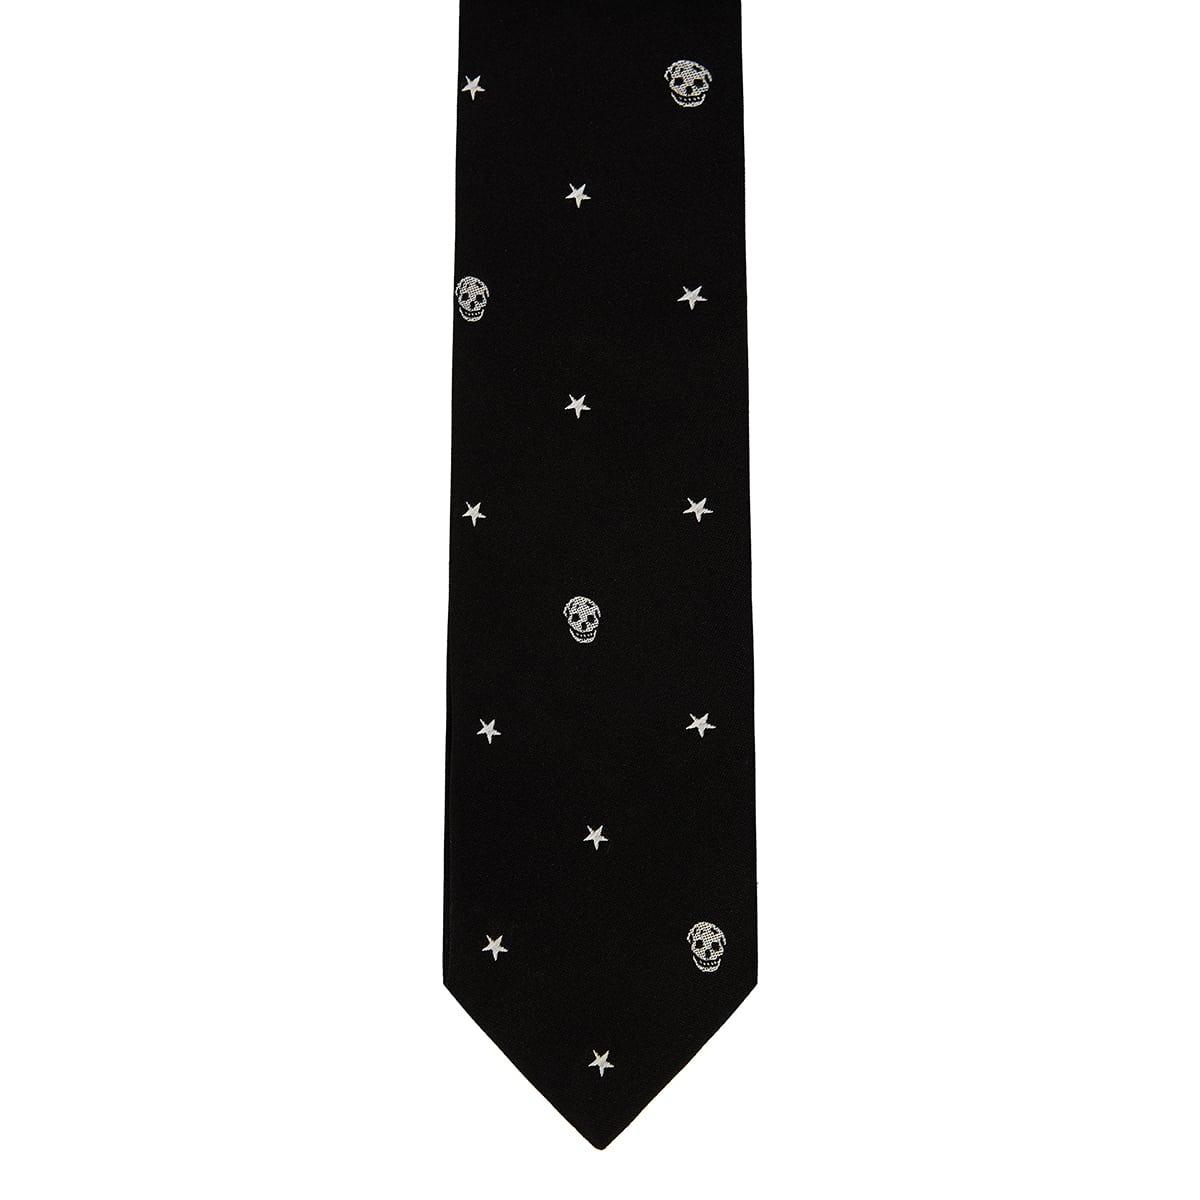 Skull printed tie